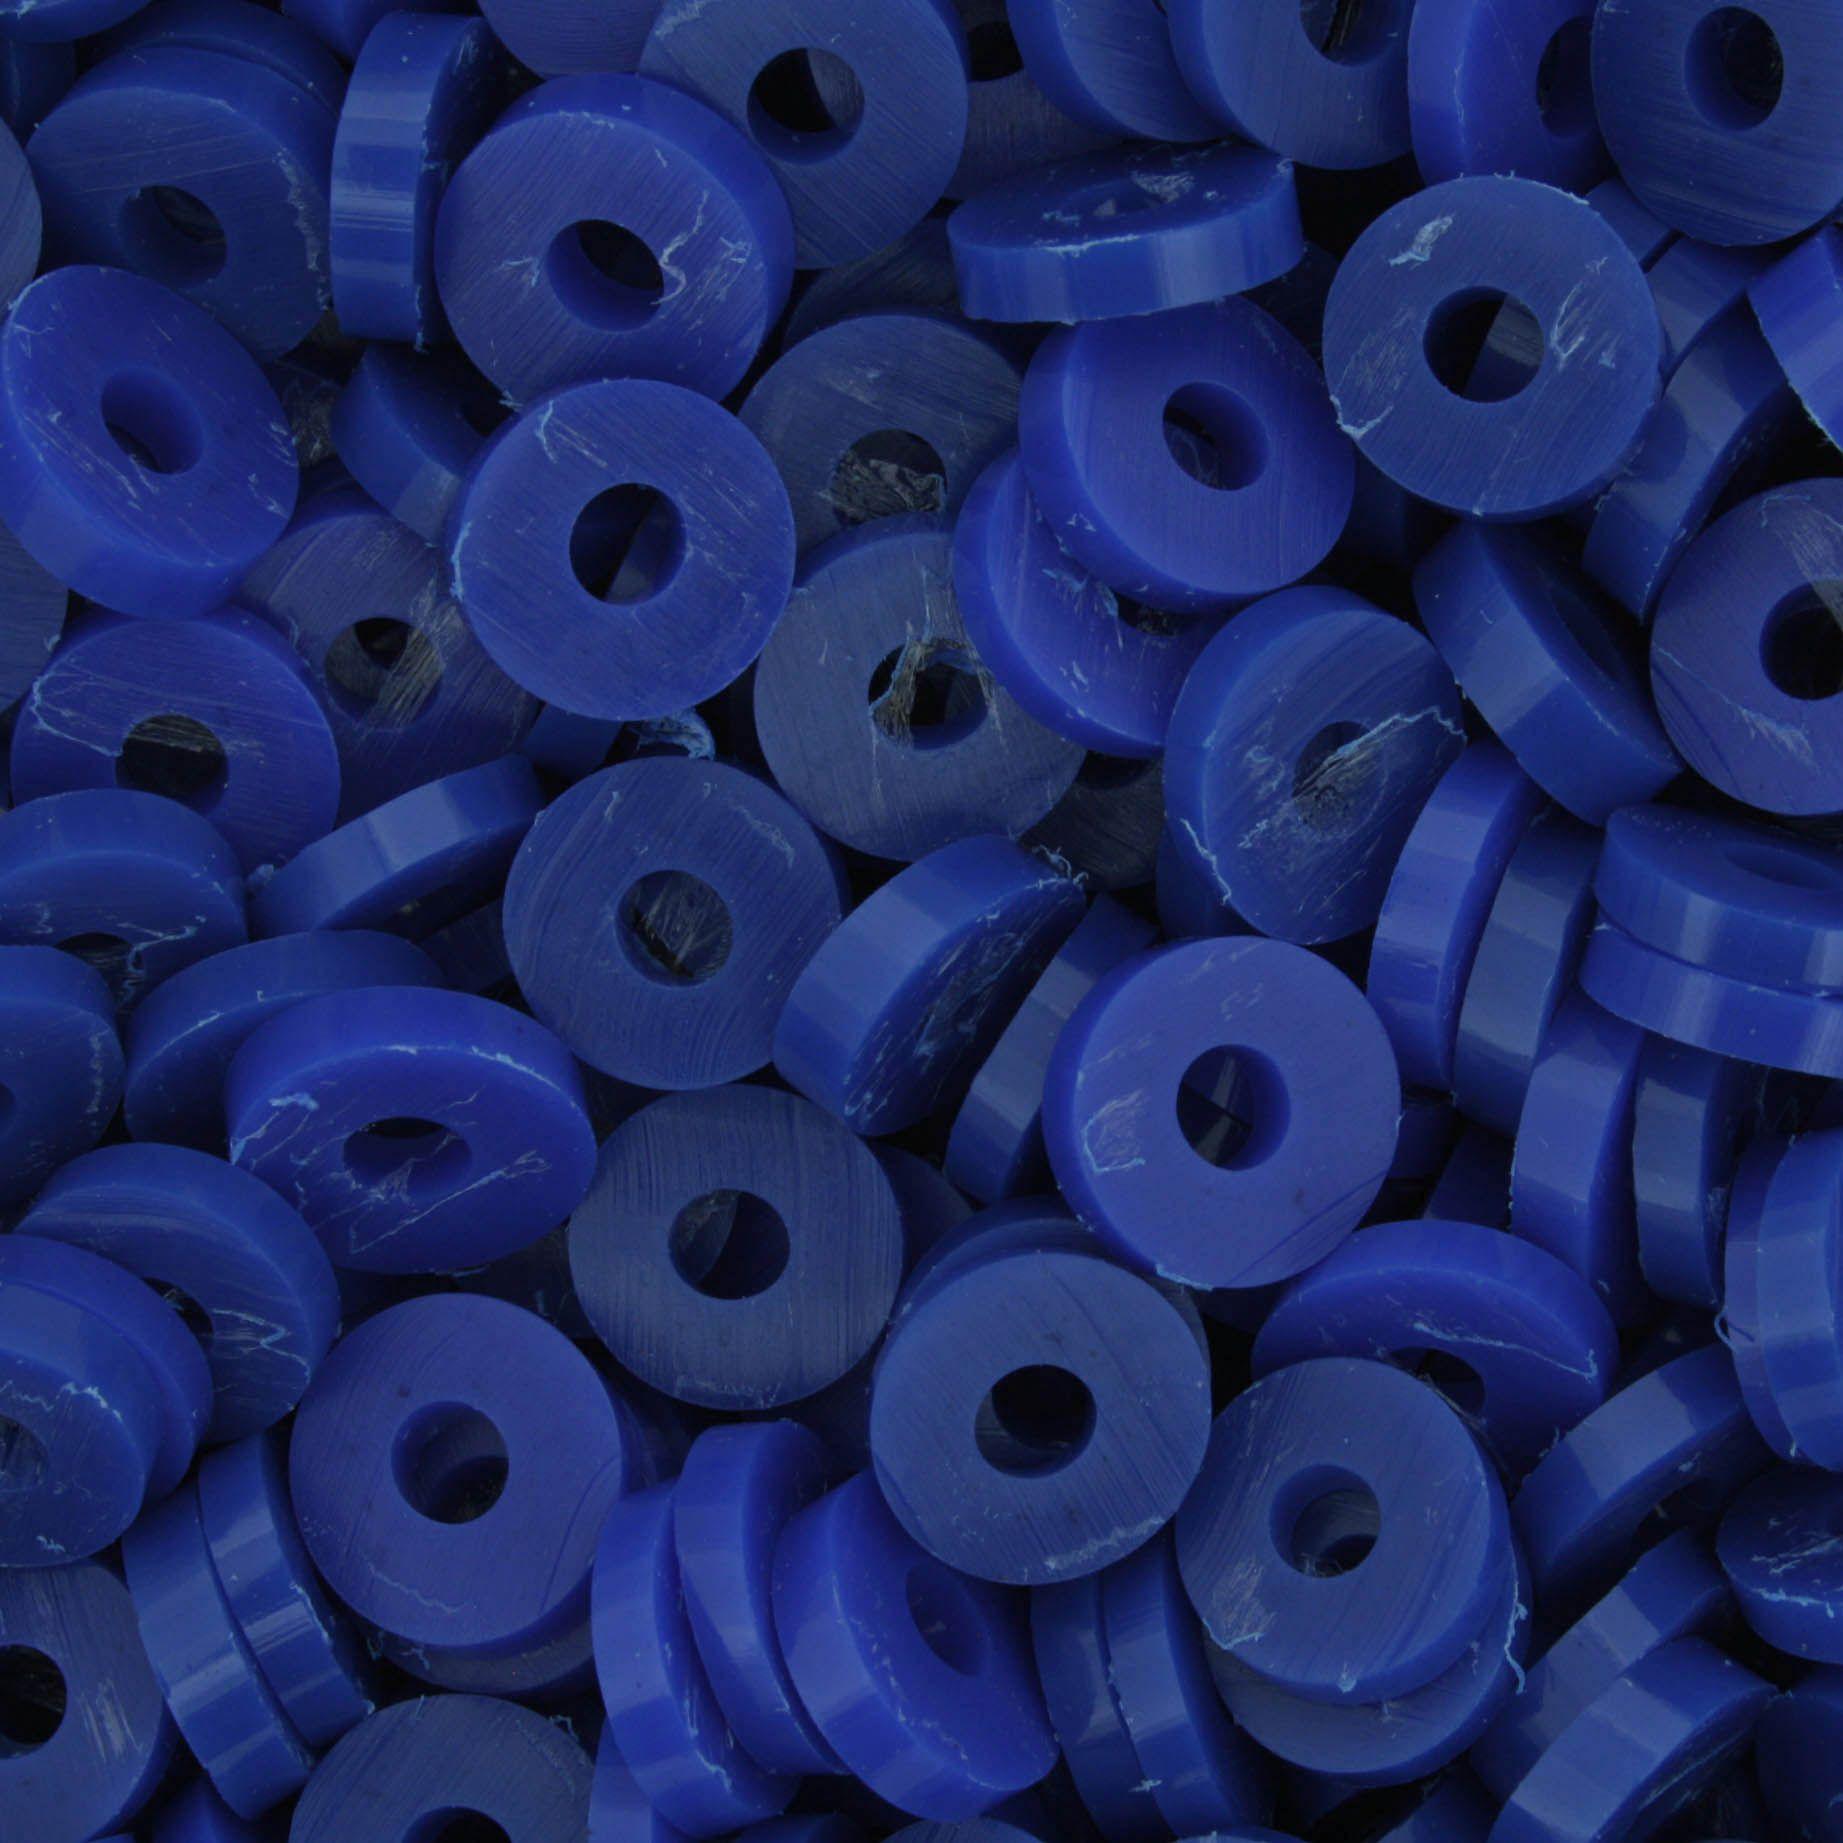 Disquinho - Azul - 7mm  - Stéphanie Bijoux® - Peças para Bijuterias e Artesanato